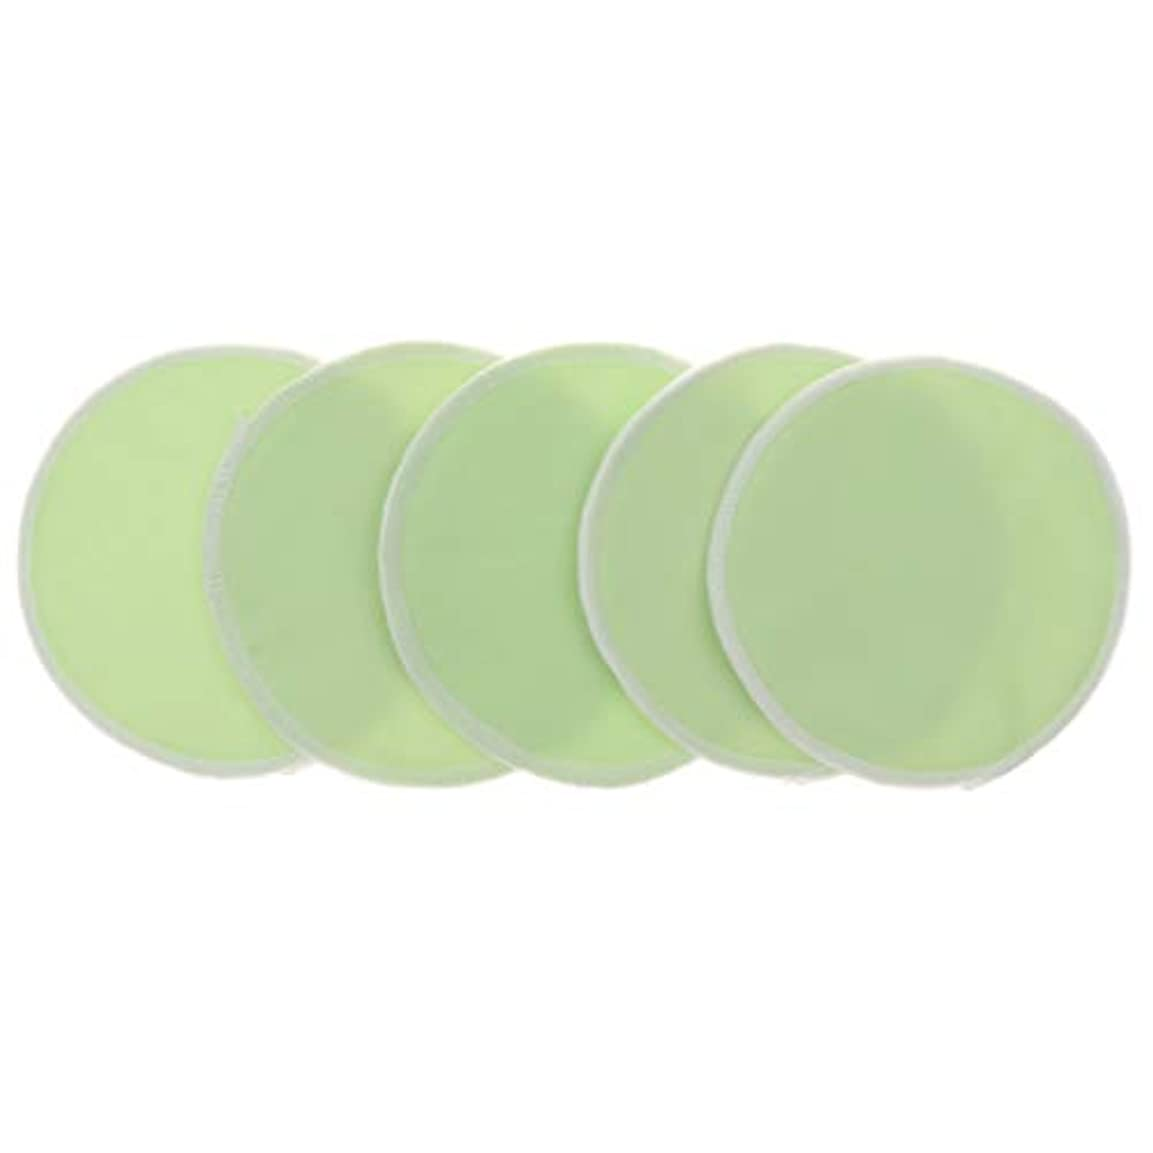 助言する飢饉失礼胸パッド クレンジングシート メイクアップ 竹繊維 円形 12cm 洗濯可能 再使用可 5個 全5色 - 緑